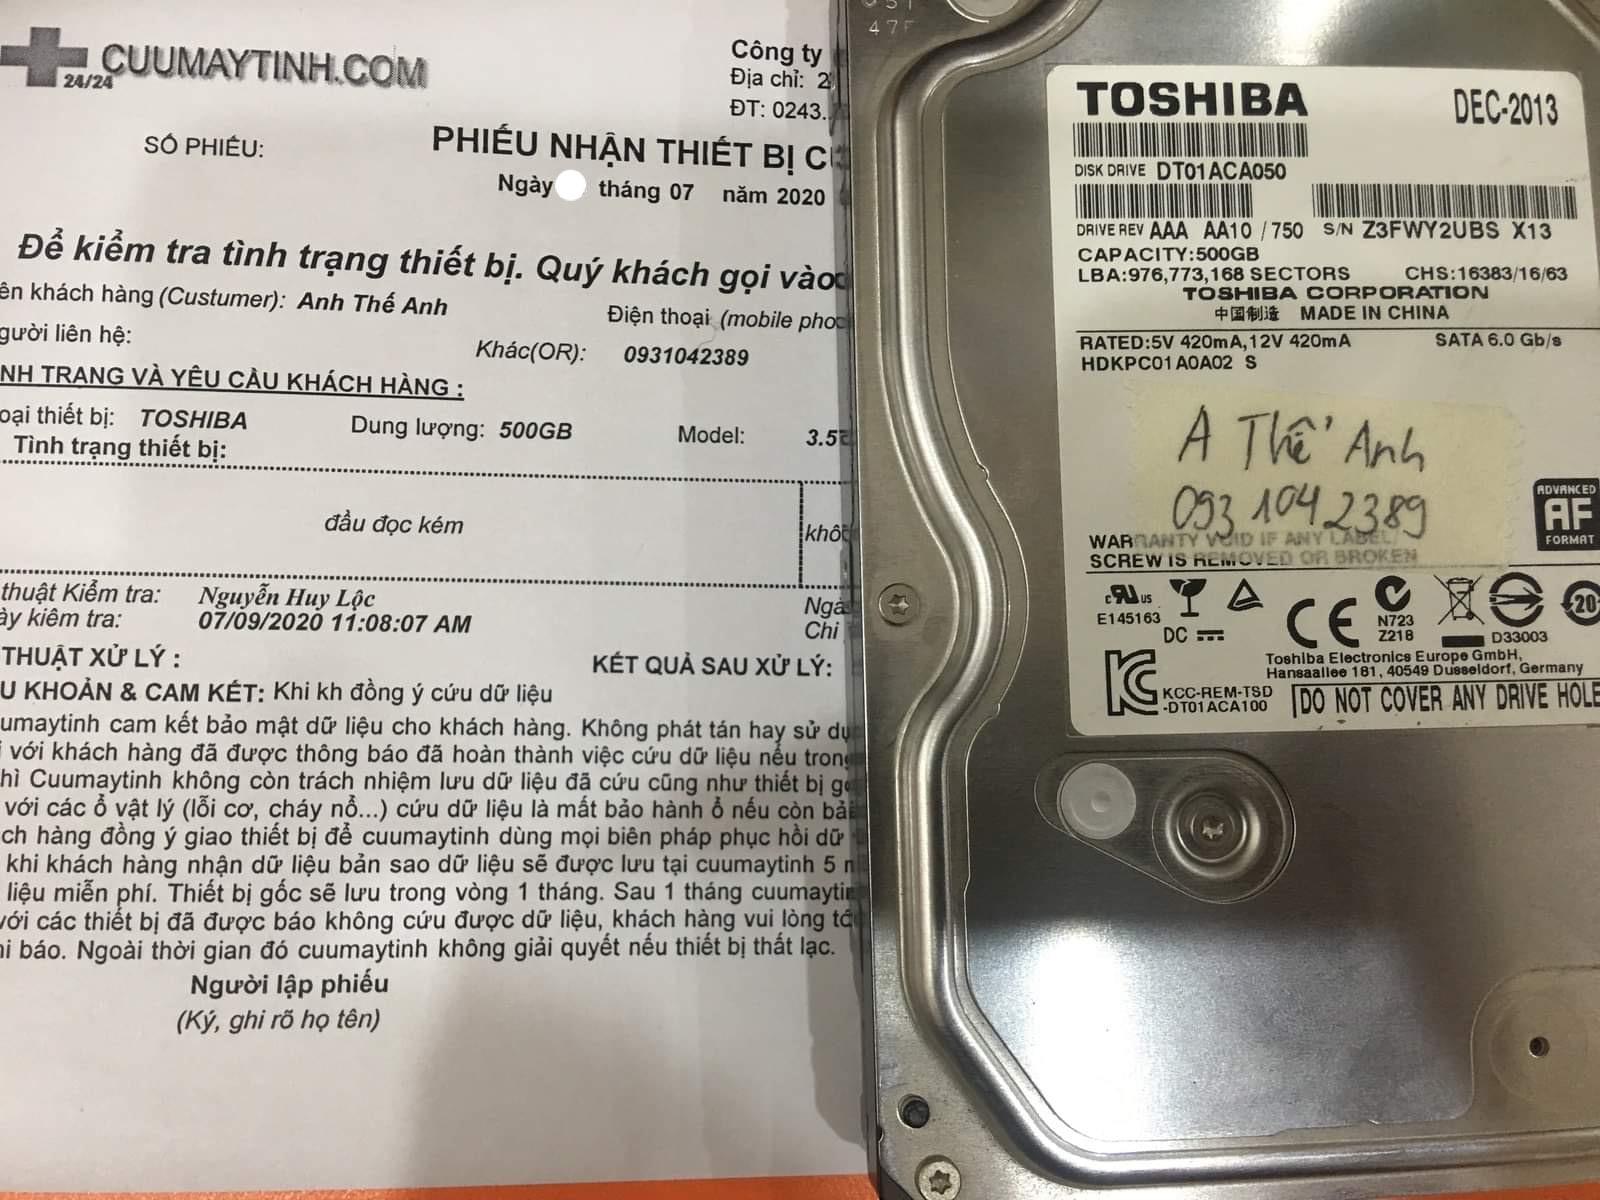 Cứu dữ liệu ổ cứng Toshiba 500GB lỗi đầu đọc 10/07/2020 - cuumaytinh